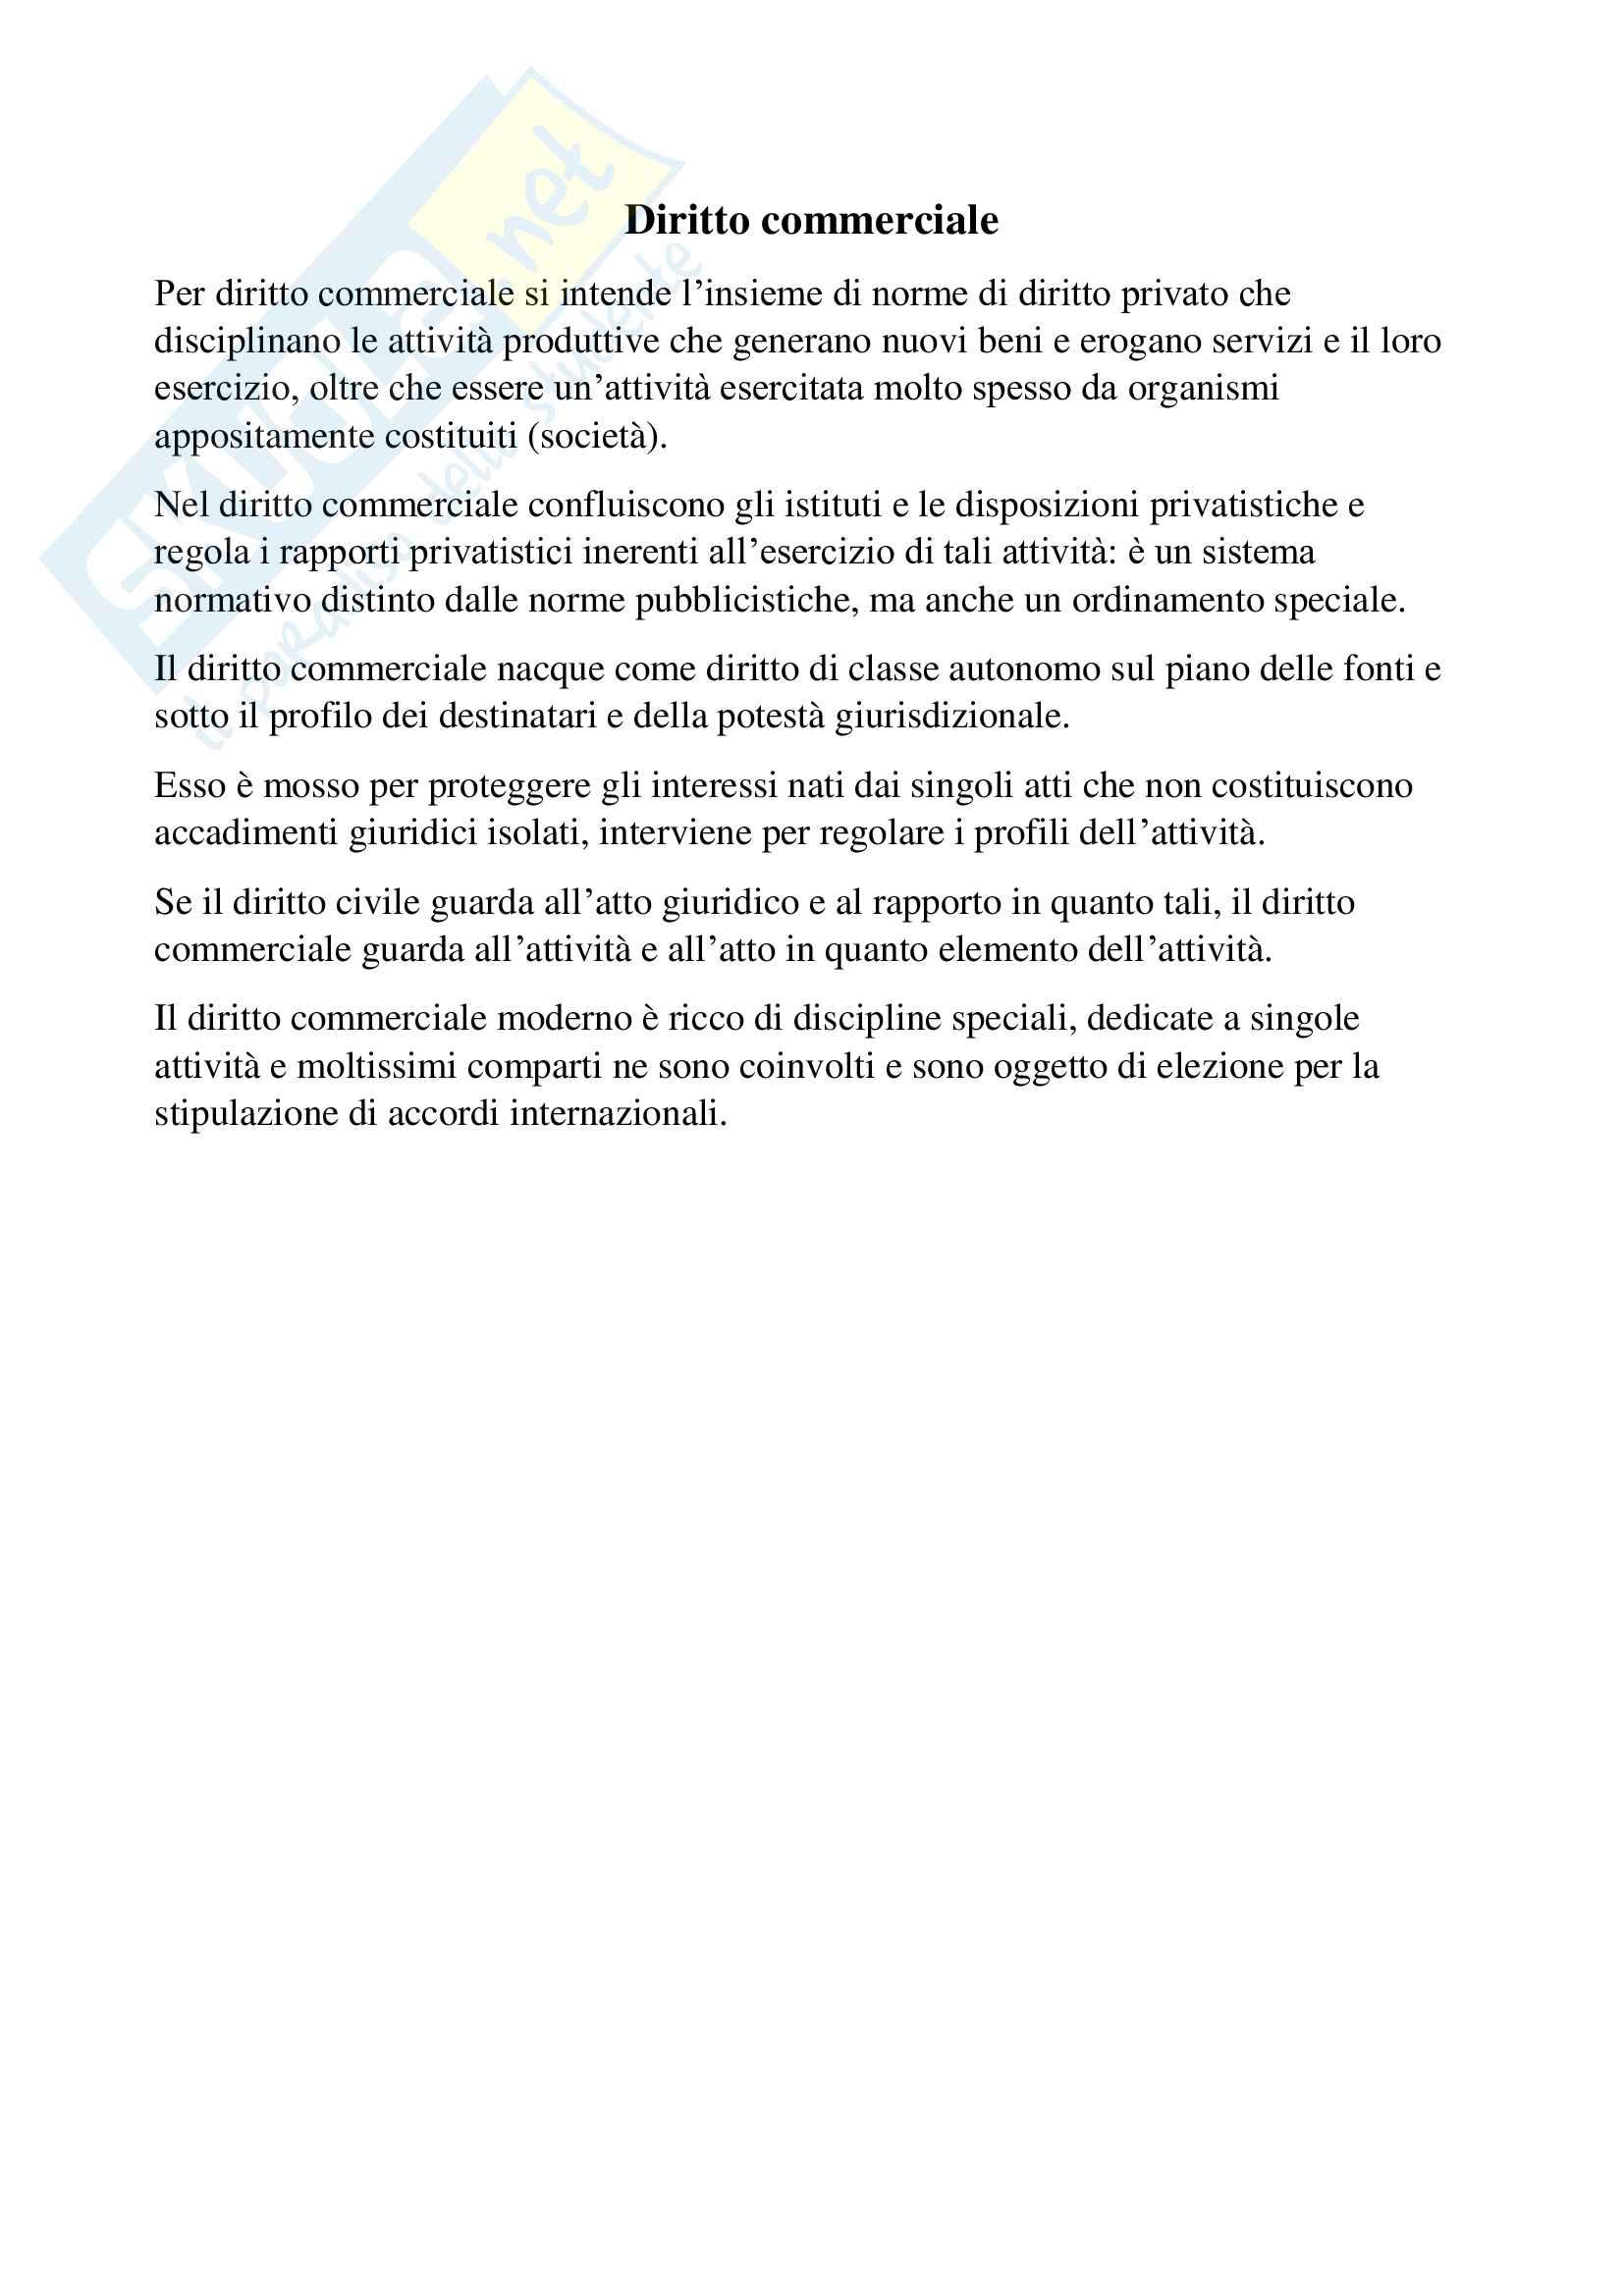 Riassunto esame diritto commerciale, prof. Santagata, libro consigliato Manuale di diritto commerciale, Cian